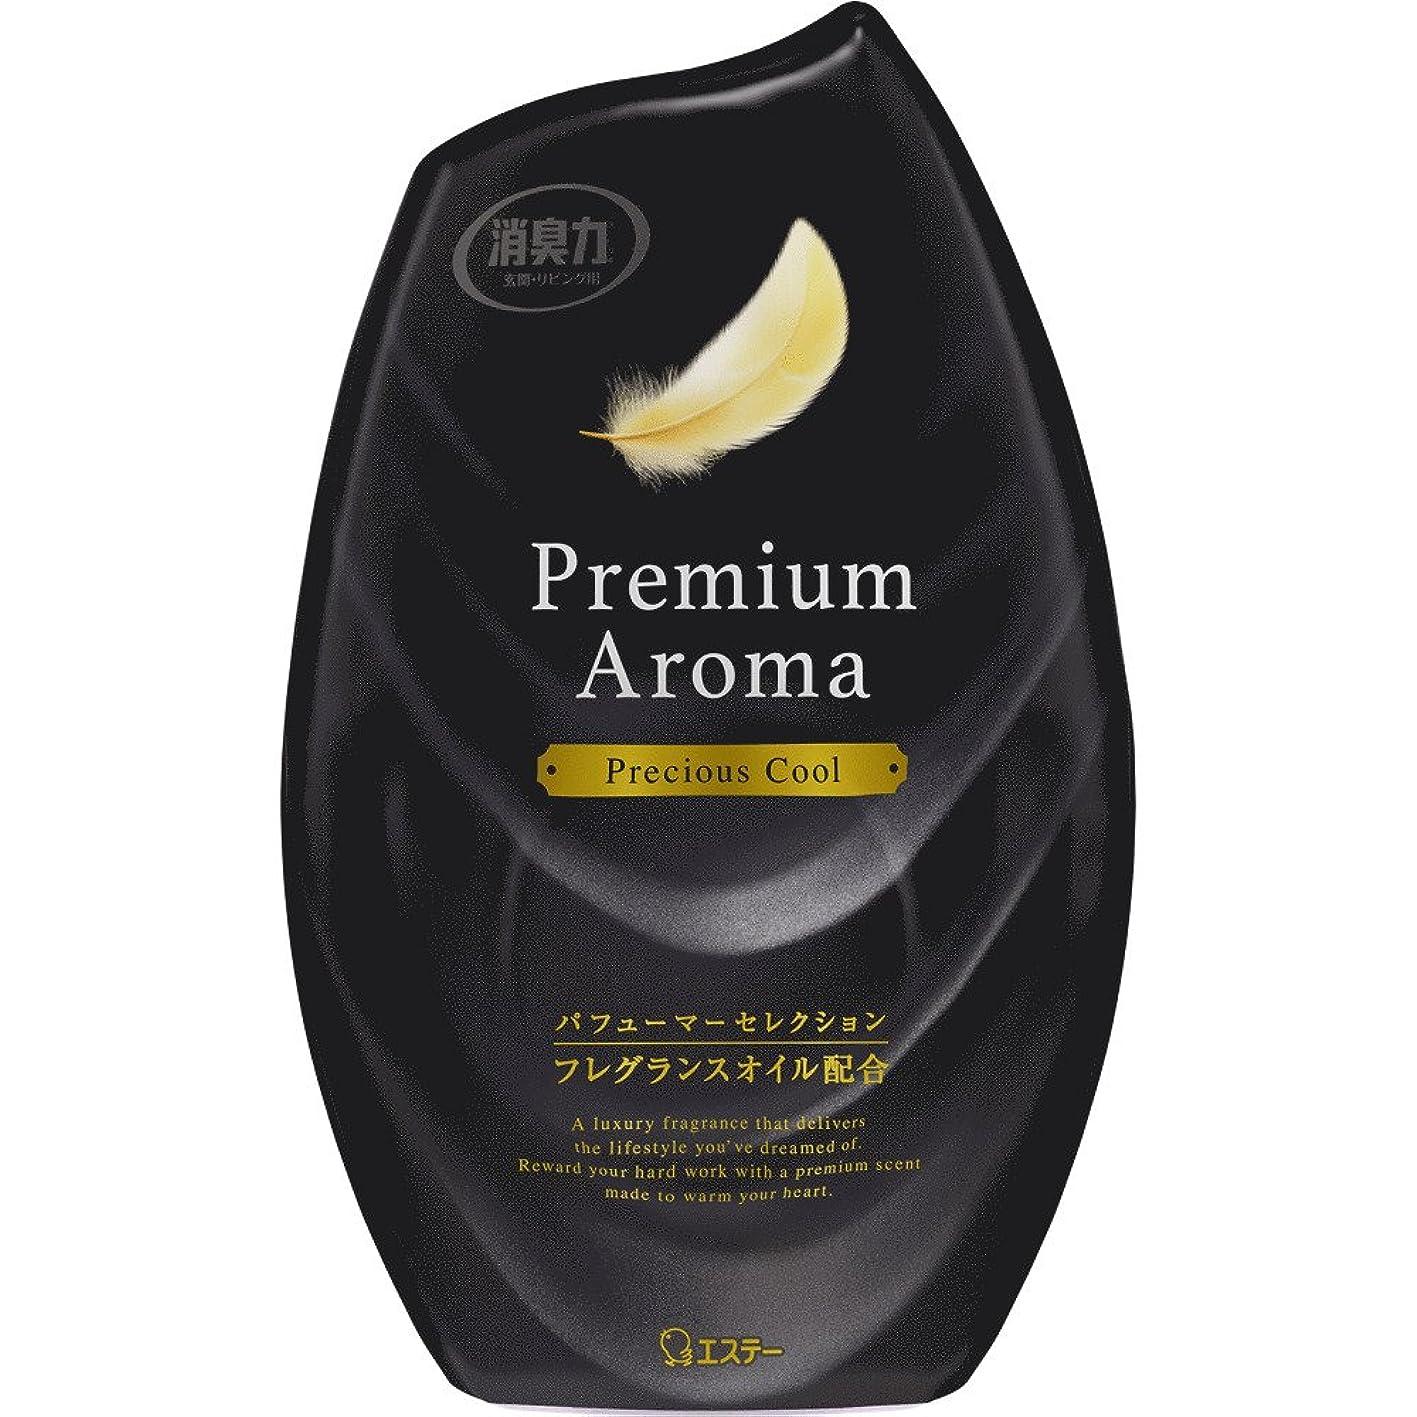 しっかりオプション不格好お部屋の消臭力 プレミアムアロマ Premium Aroma 消臭芳香剤 部屋用 部屋 プレシャスクールの香り 400ml